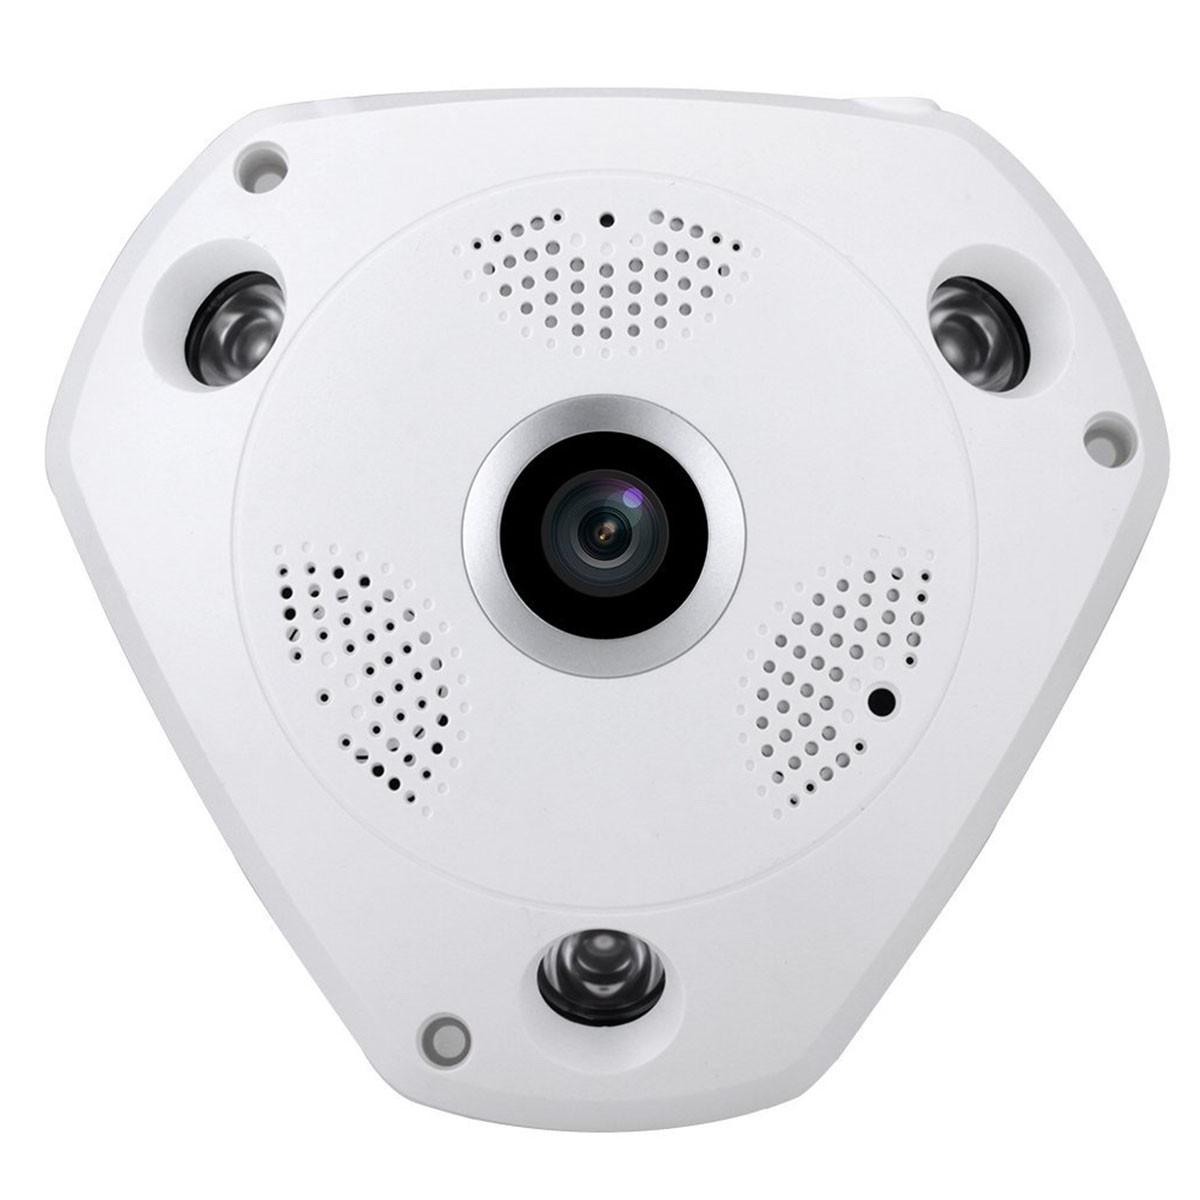 Telecamera Ip FishEye Wifi Panoramica 360 Gradi 720P